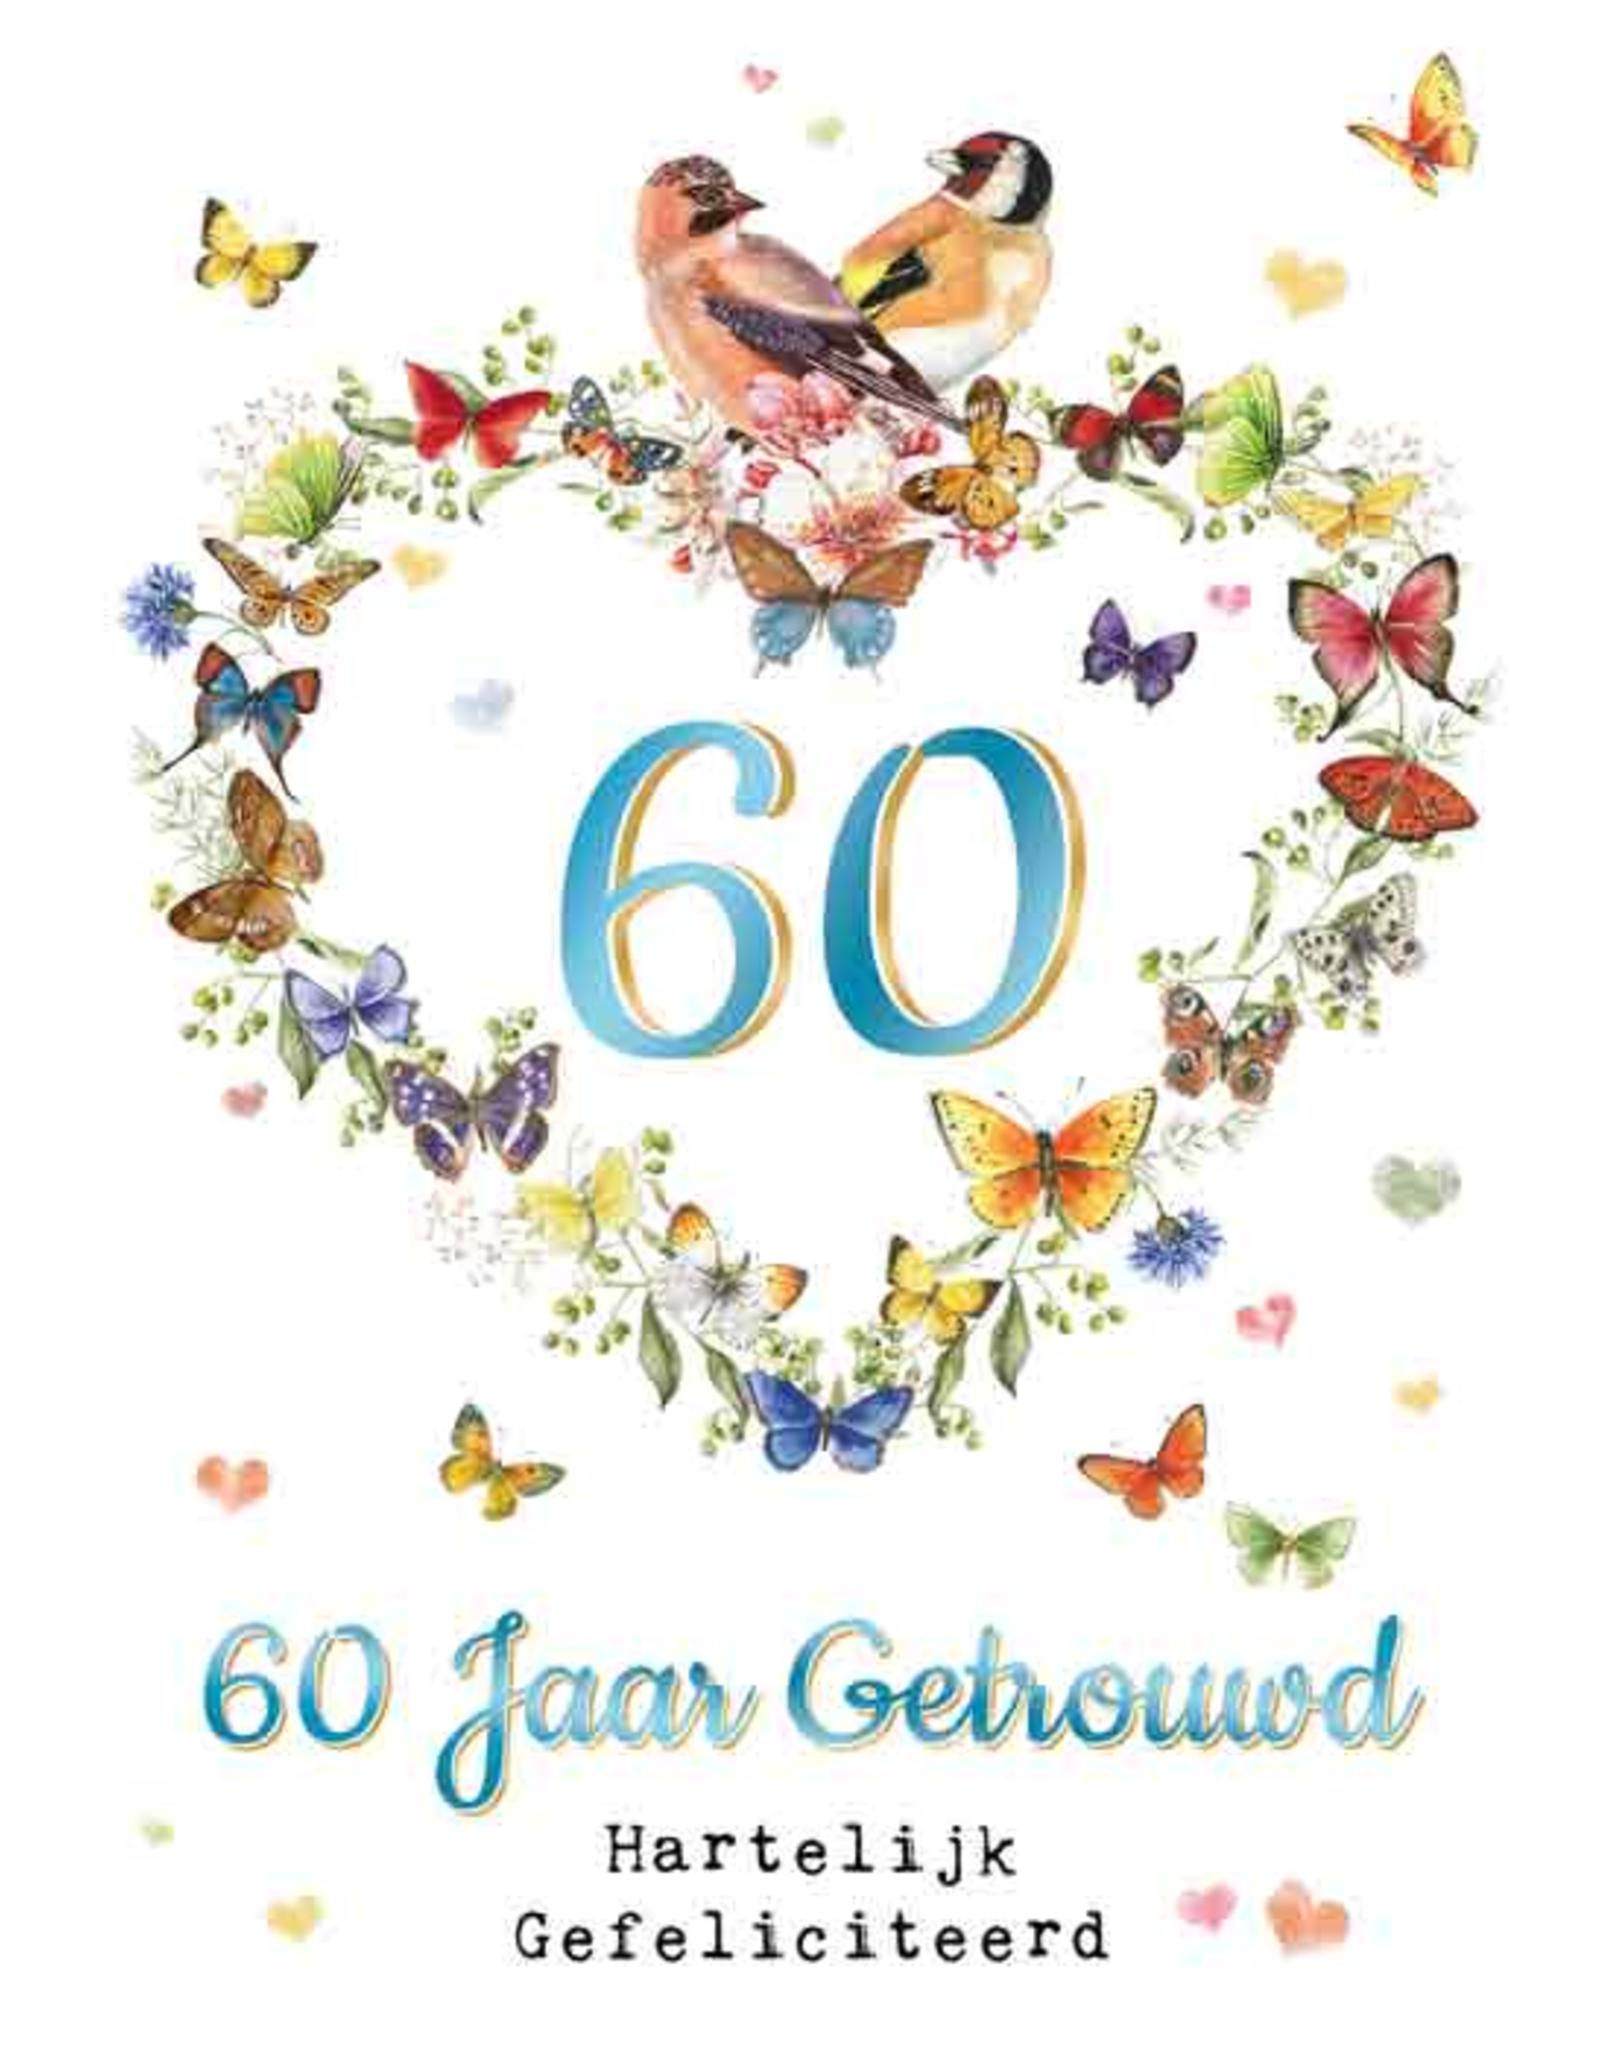 Spiksplinternieuw Wenskaart 60 Jaar Getrouwd Hartelijk Gefeliciteerd - Janneke DY-41